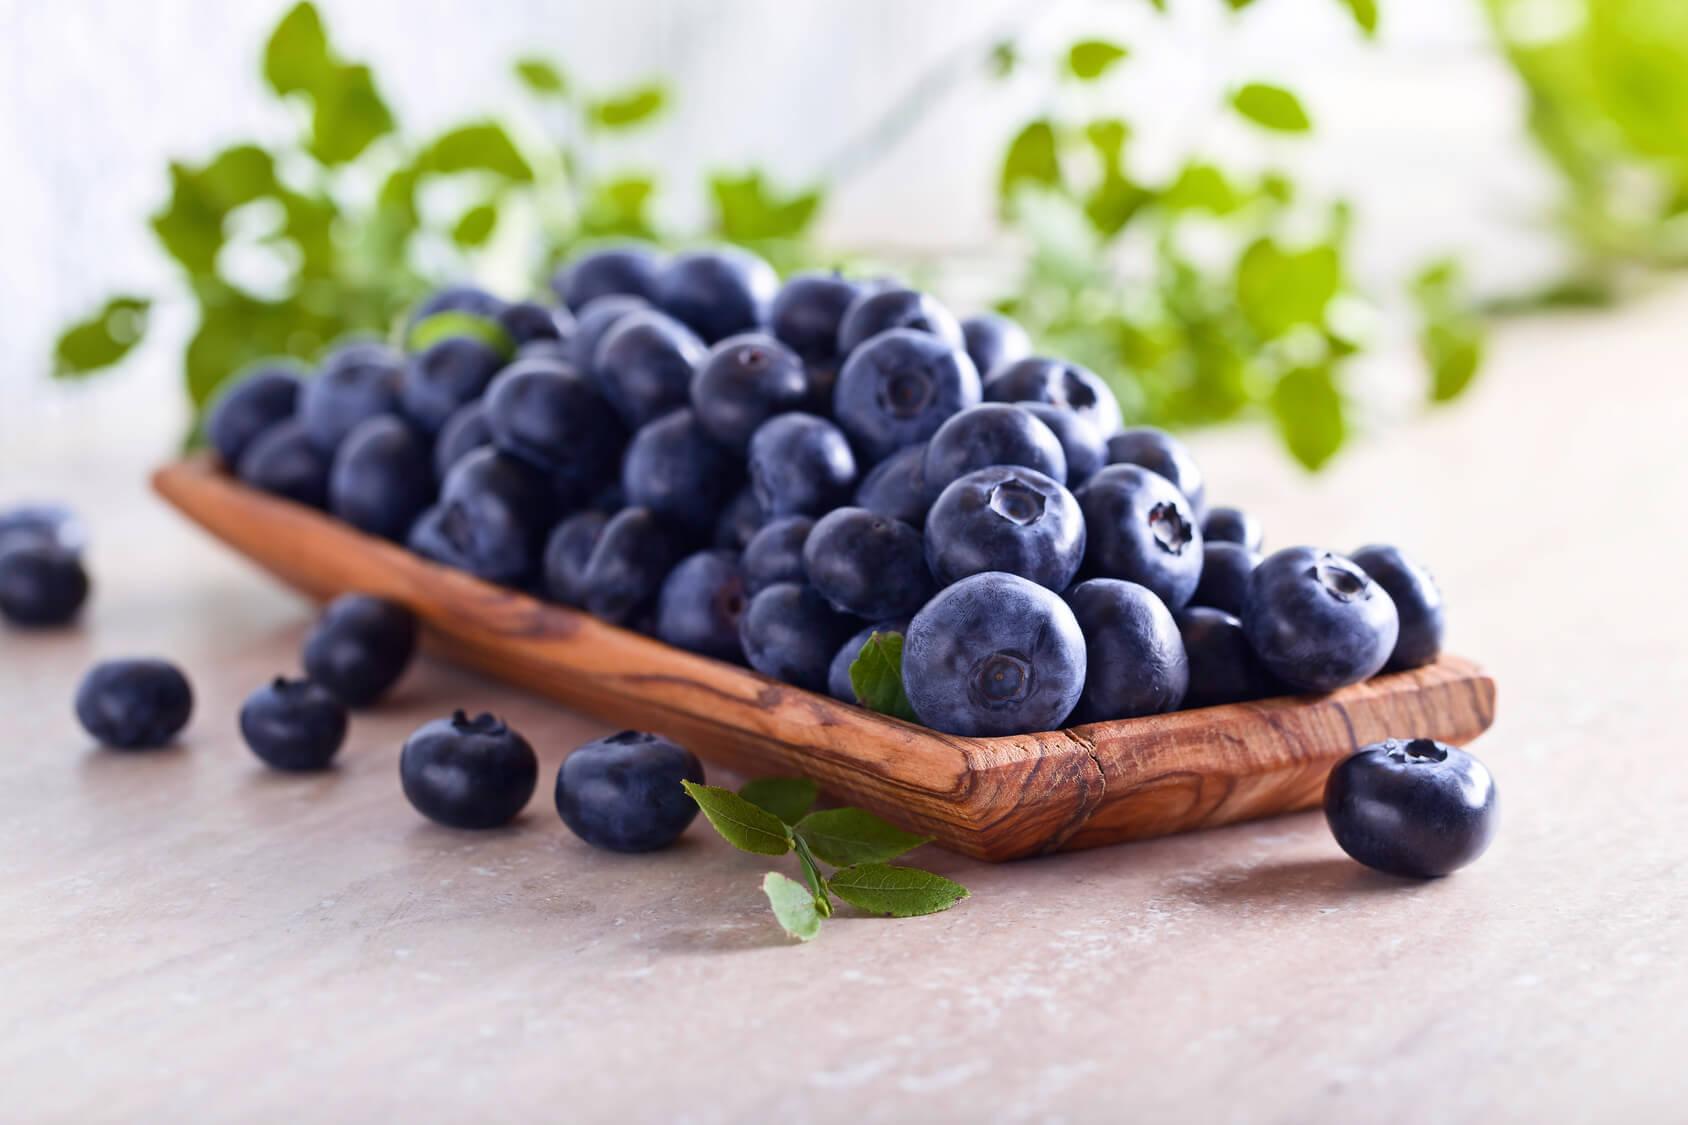 Blueberries foods